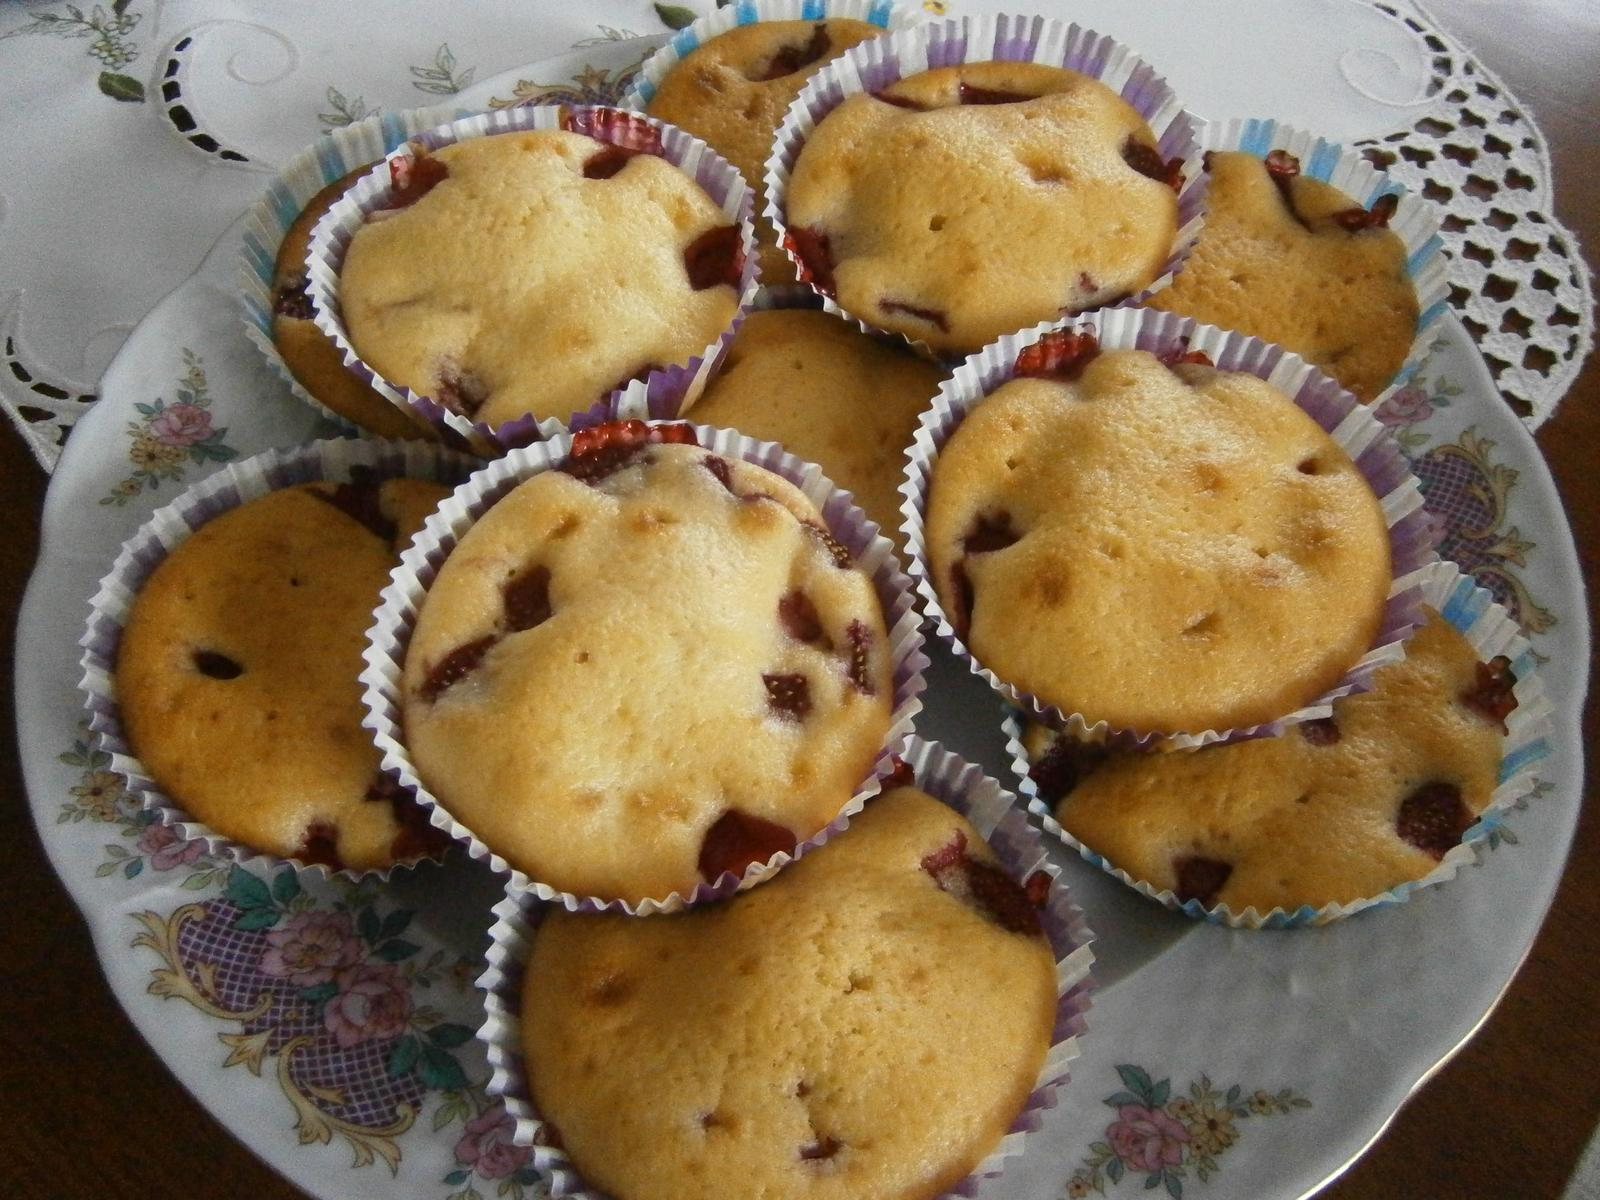 Hokus pokus v kuchyni - jahodové muffiny